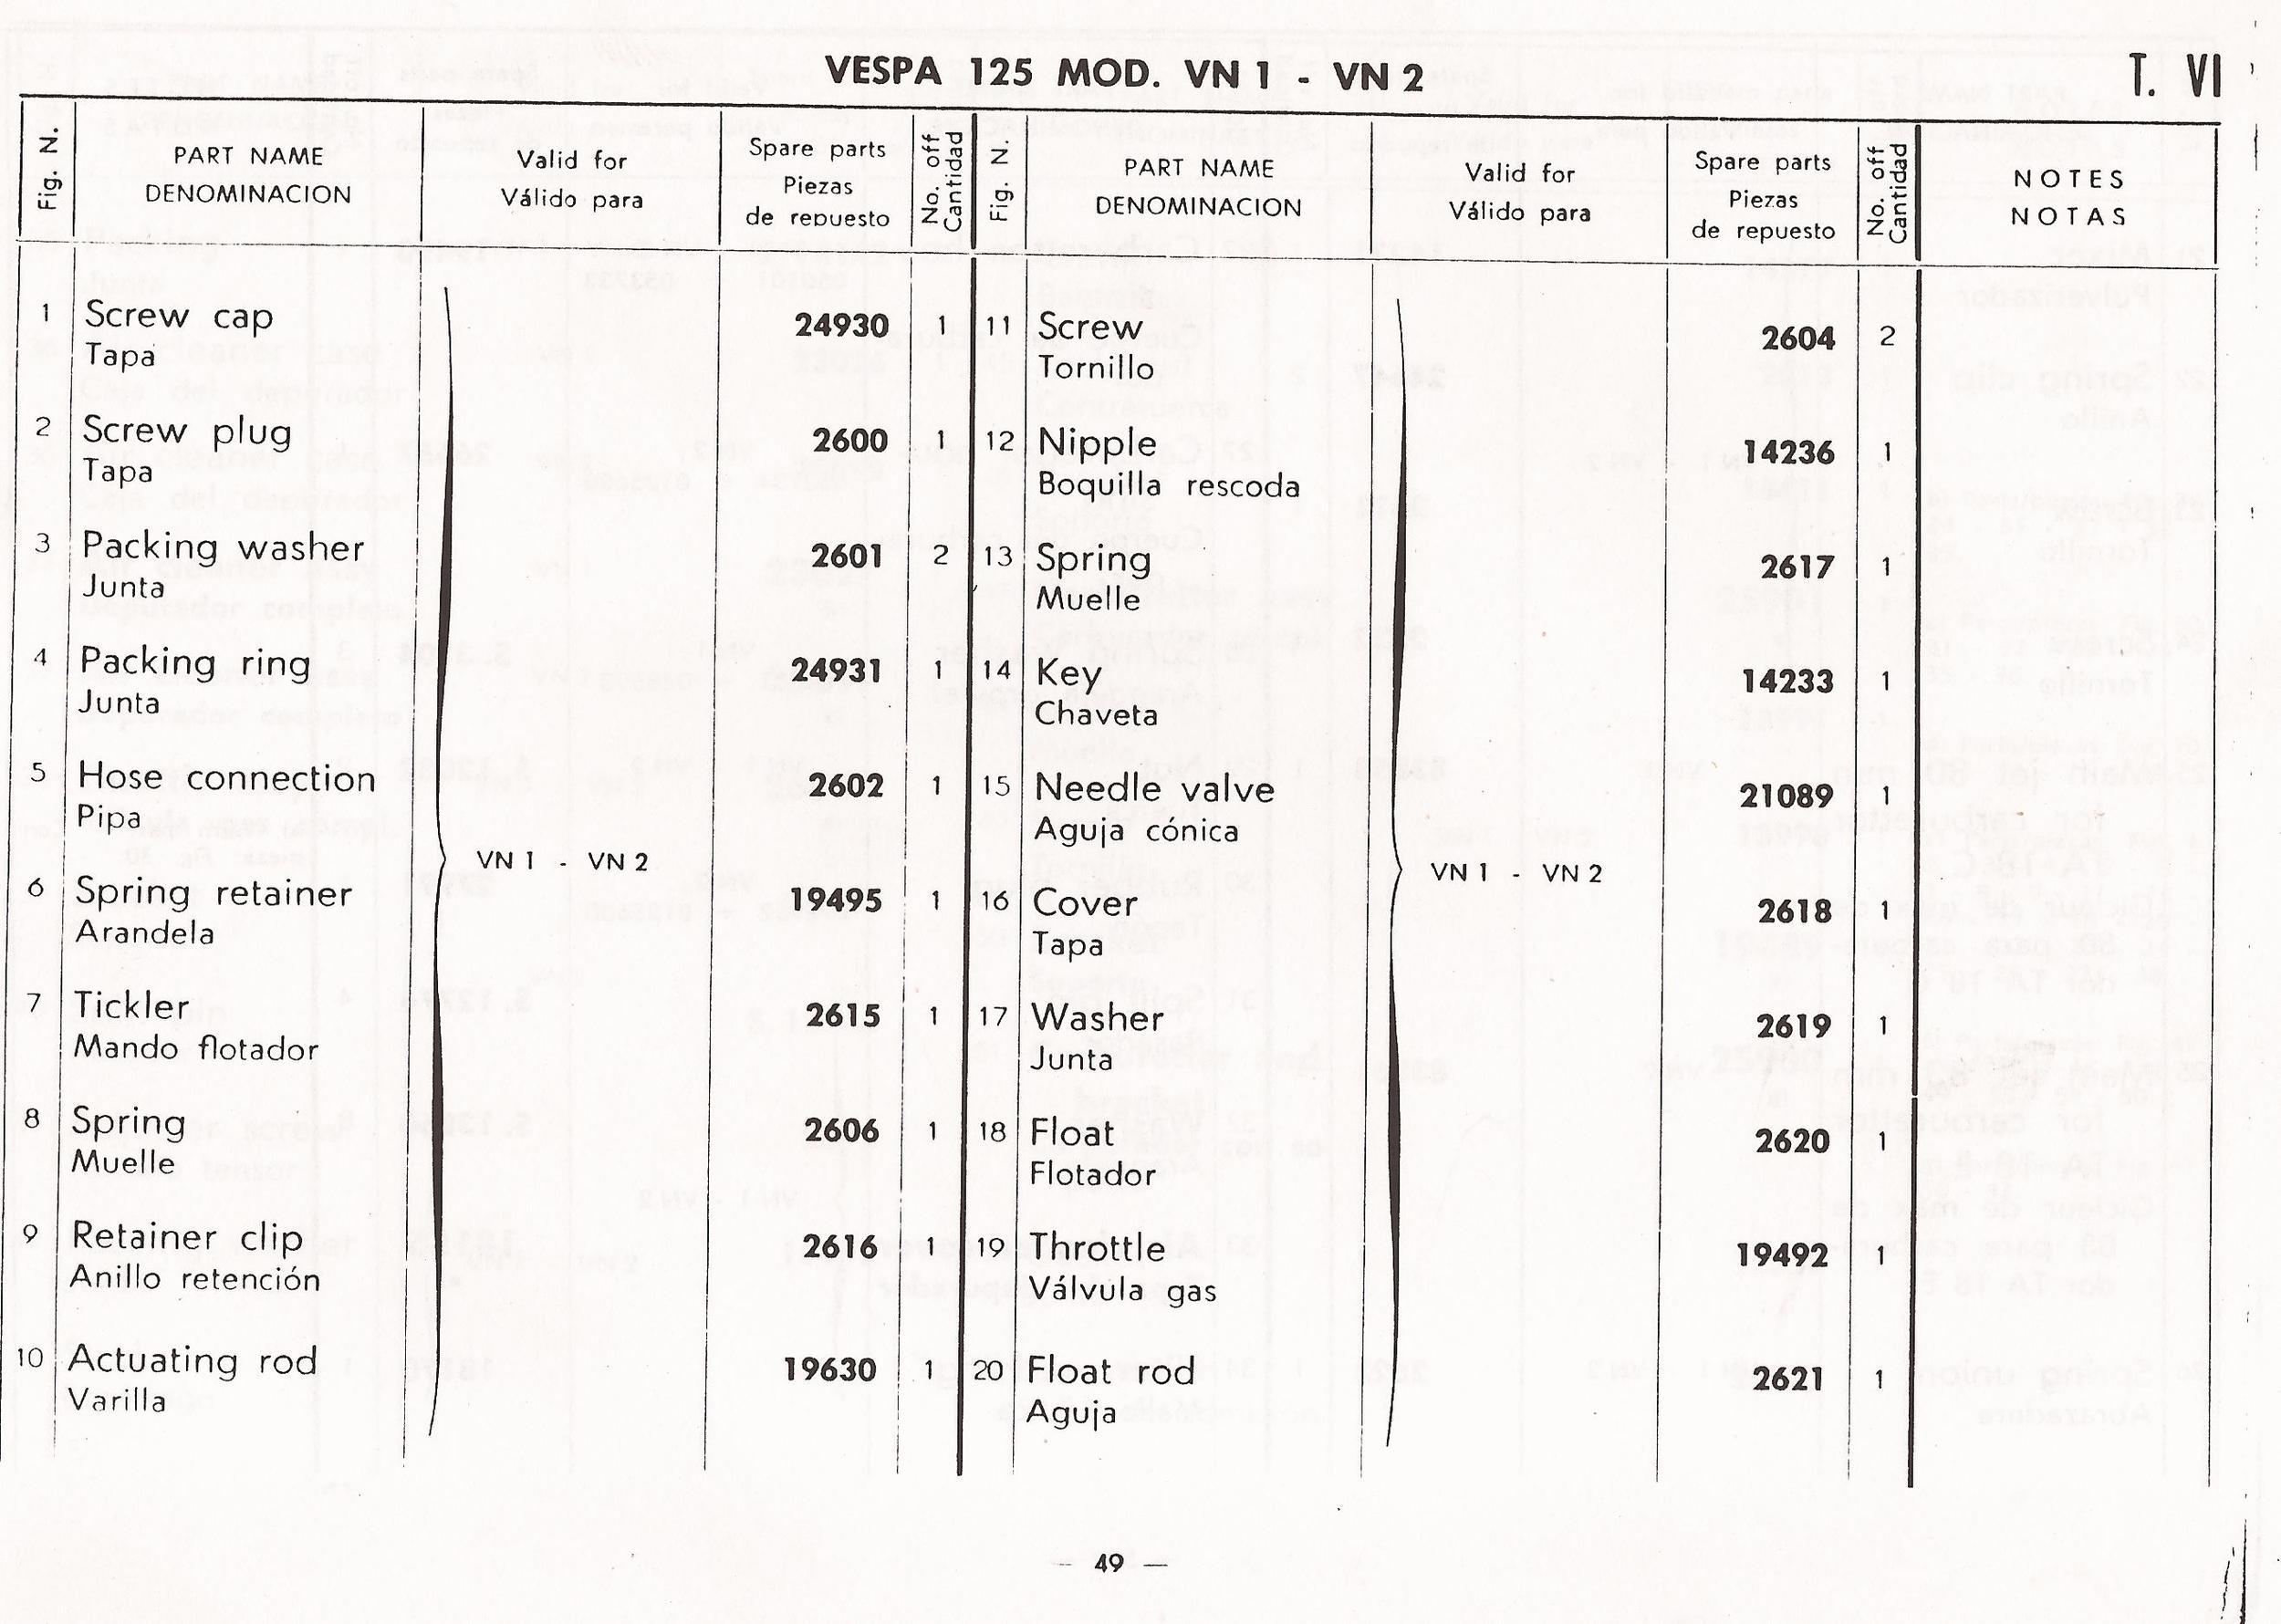 07-16-2013 vespa 125 catalog manuel 53.jpg